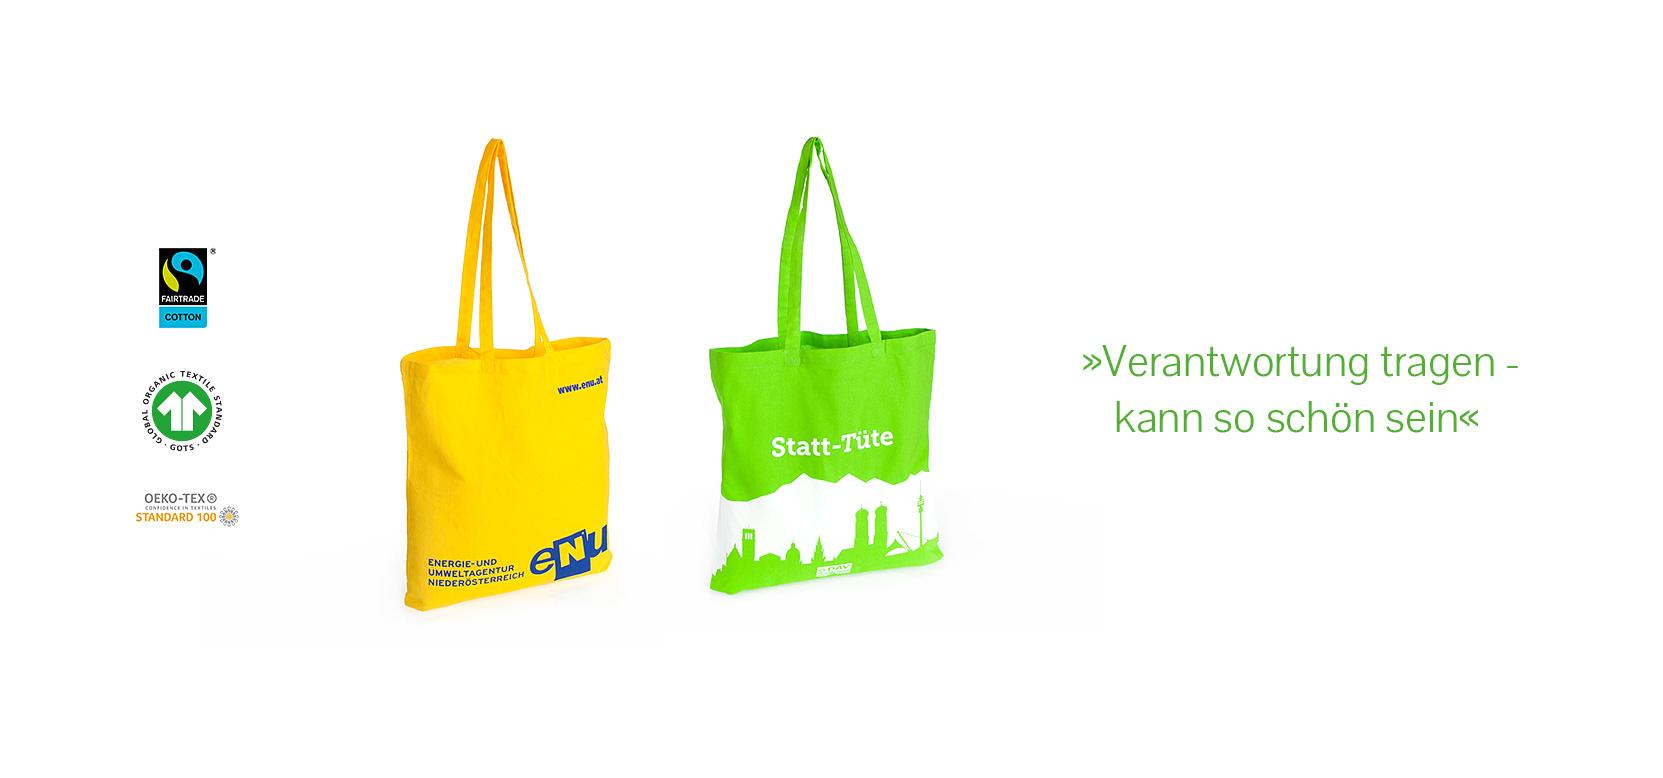 Nachhaltige-Werbeartikel-Fairtrade-GOTS-Bio